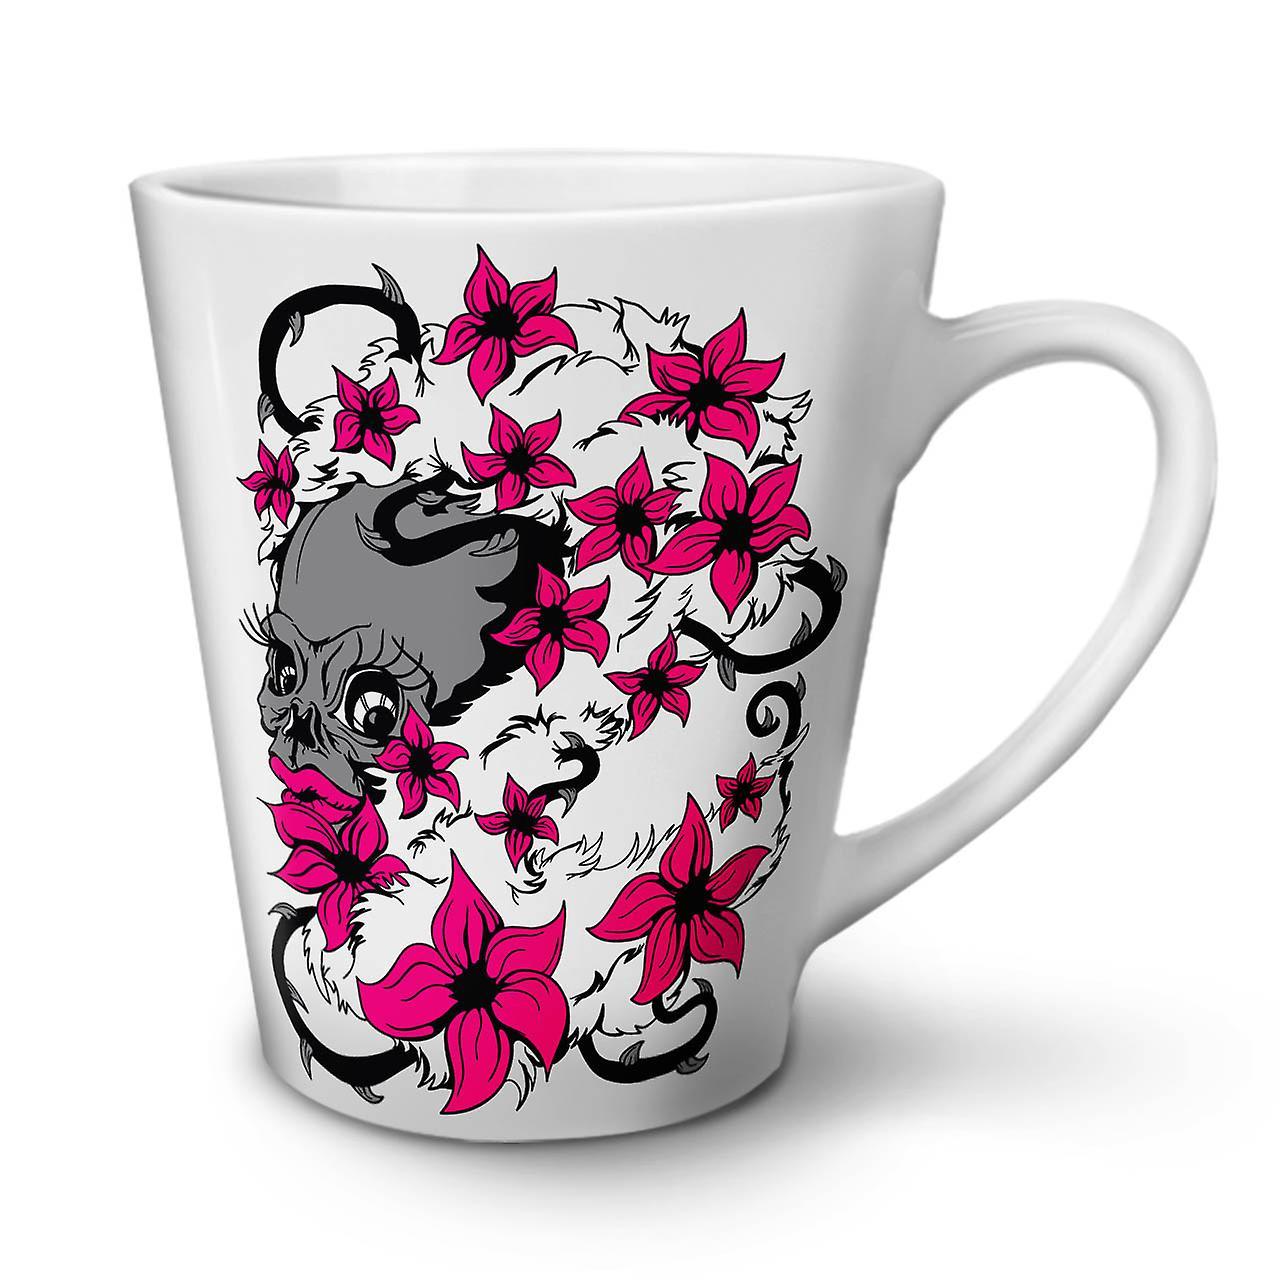 De 12 Face Blanche Crâne Tasse Café Latte En Céramique Nouvelle OzWellcoda Tête tdxsBhCQr